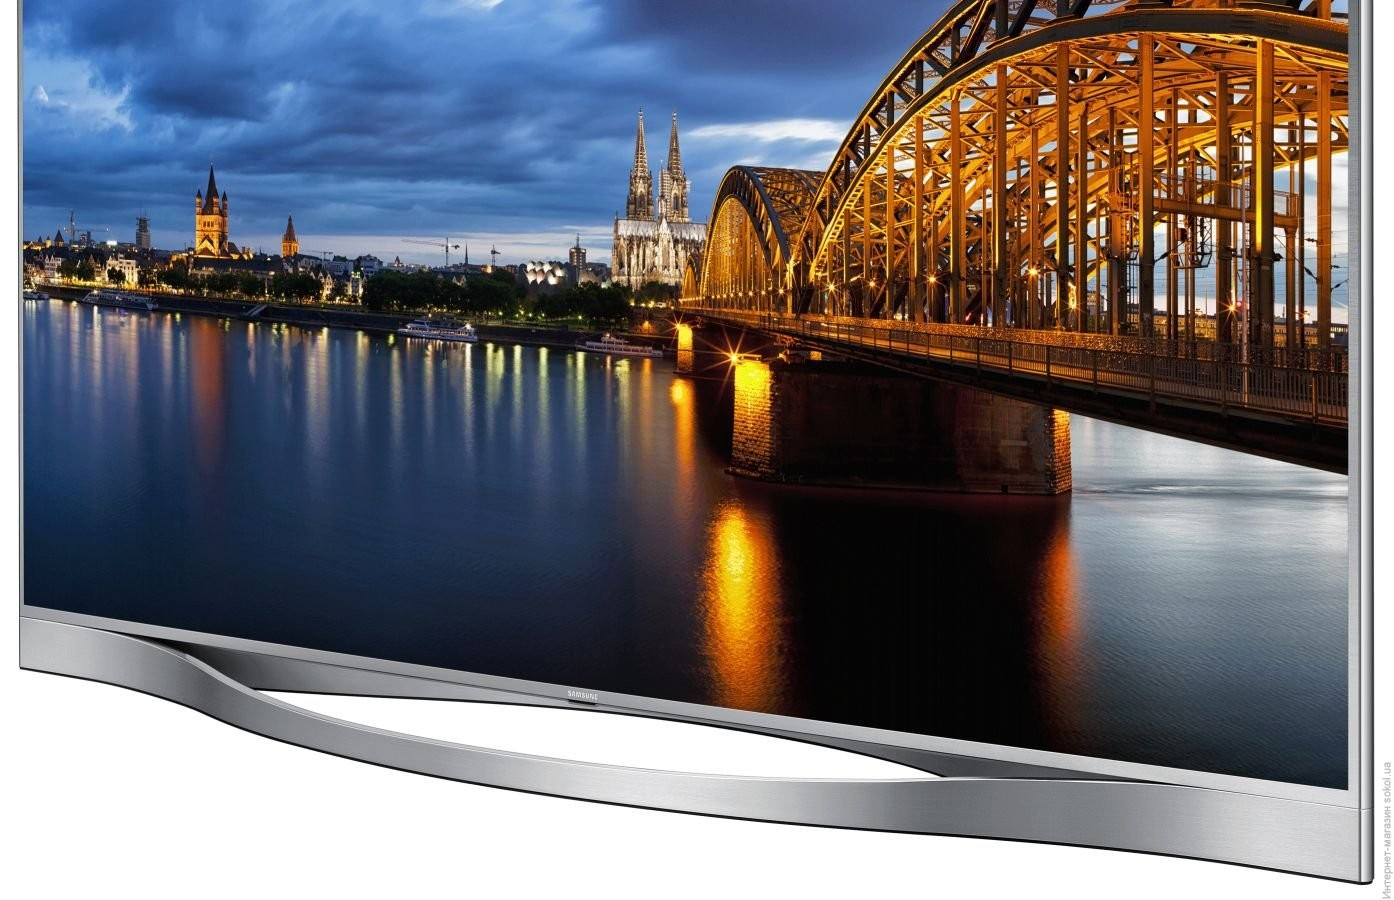 ЖК-телевизор поцене 2-комнатной квартиры купила мэрия Ордынского района НСО